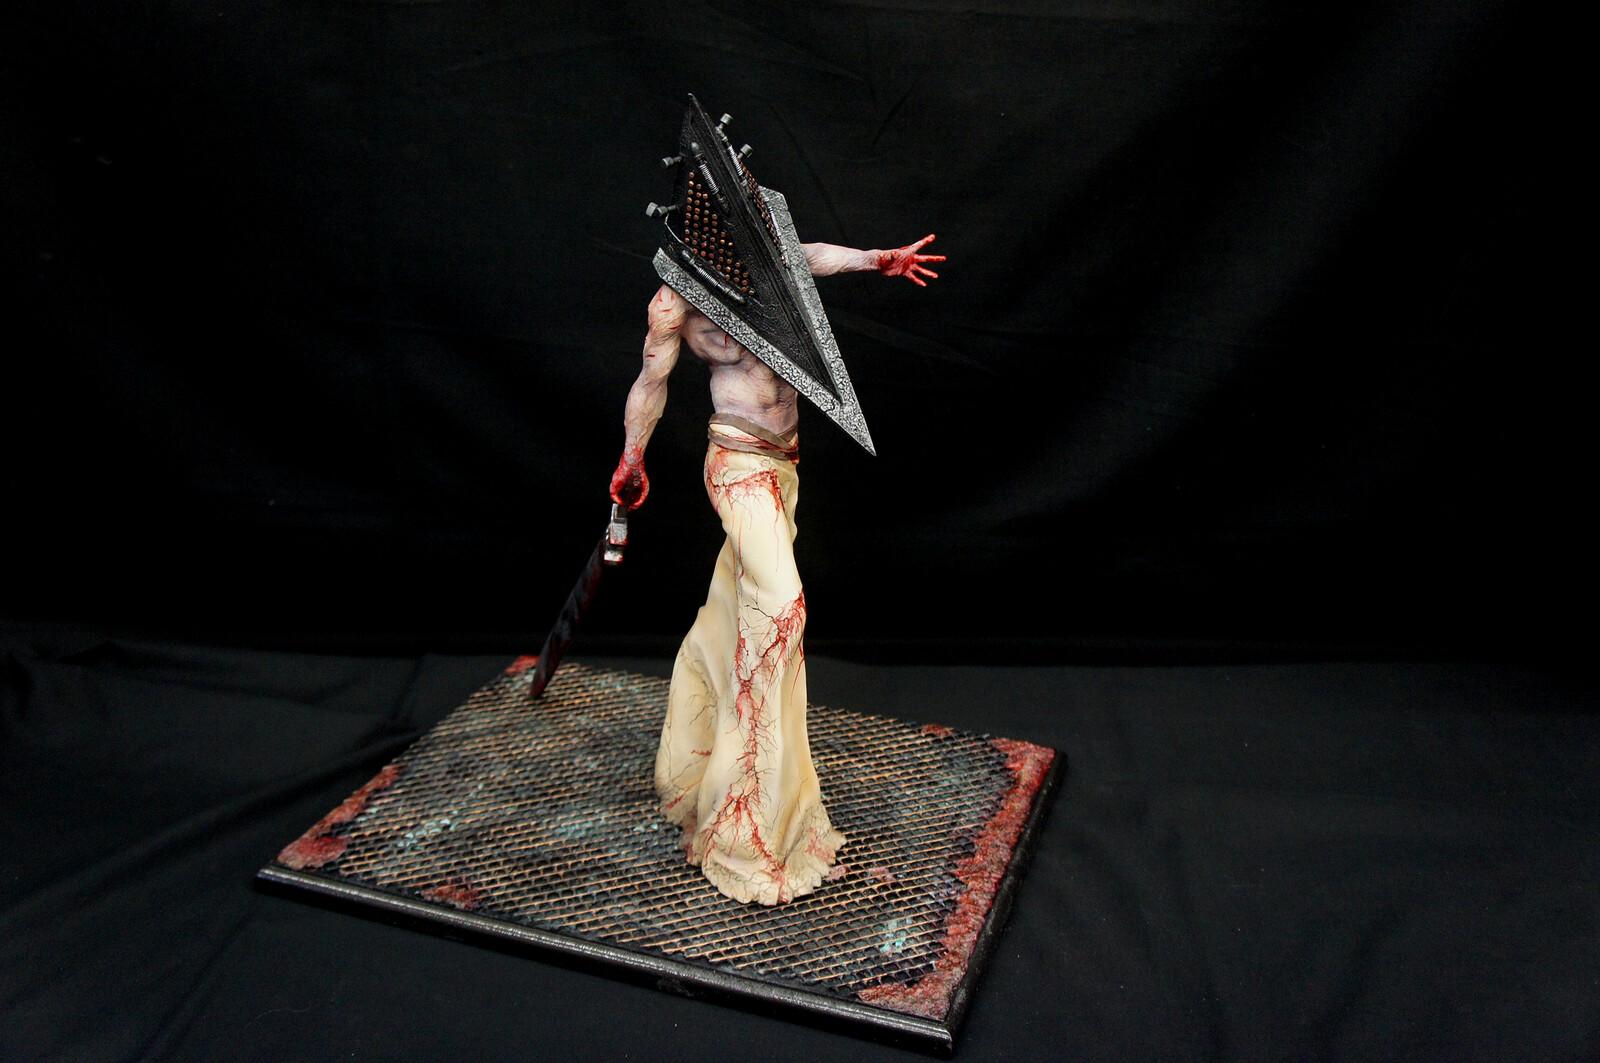 Hellpainter: Silent Hill Bogeyman Art Statue DX https://www.solidart.club/